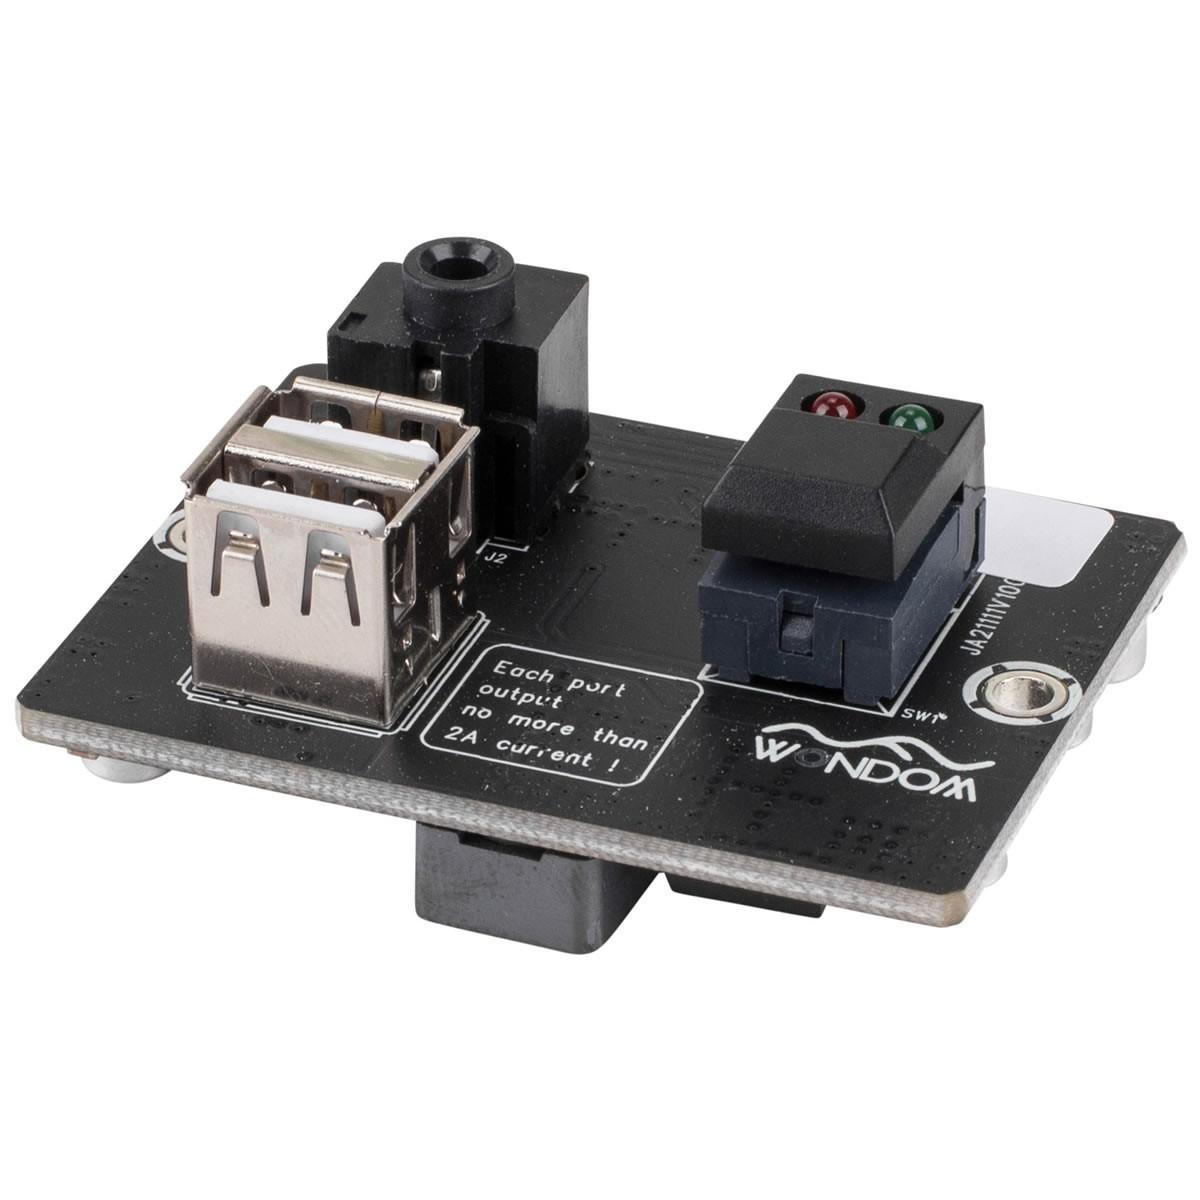 WONDOM JAB 2 AA-JA11112 Interface Extension Board Jack 3.5mm USB Charge Phone